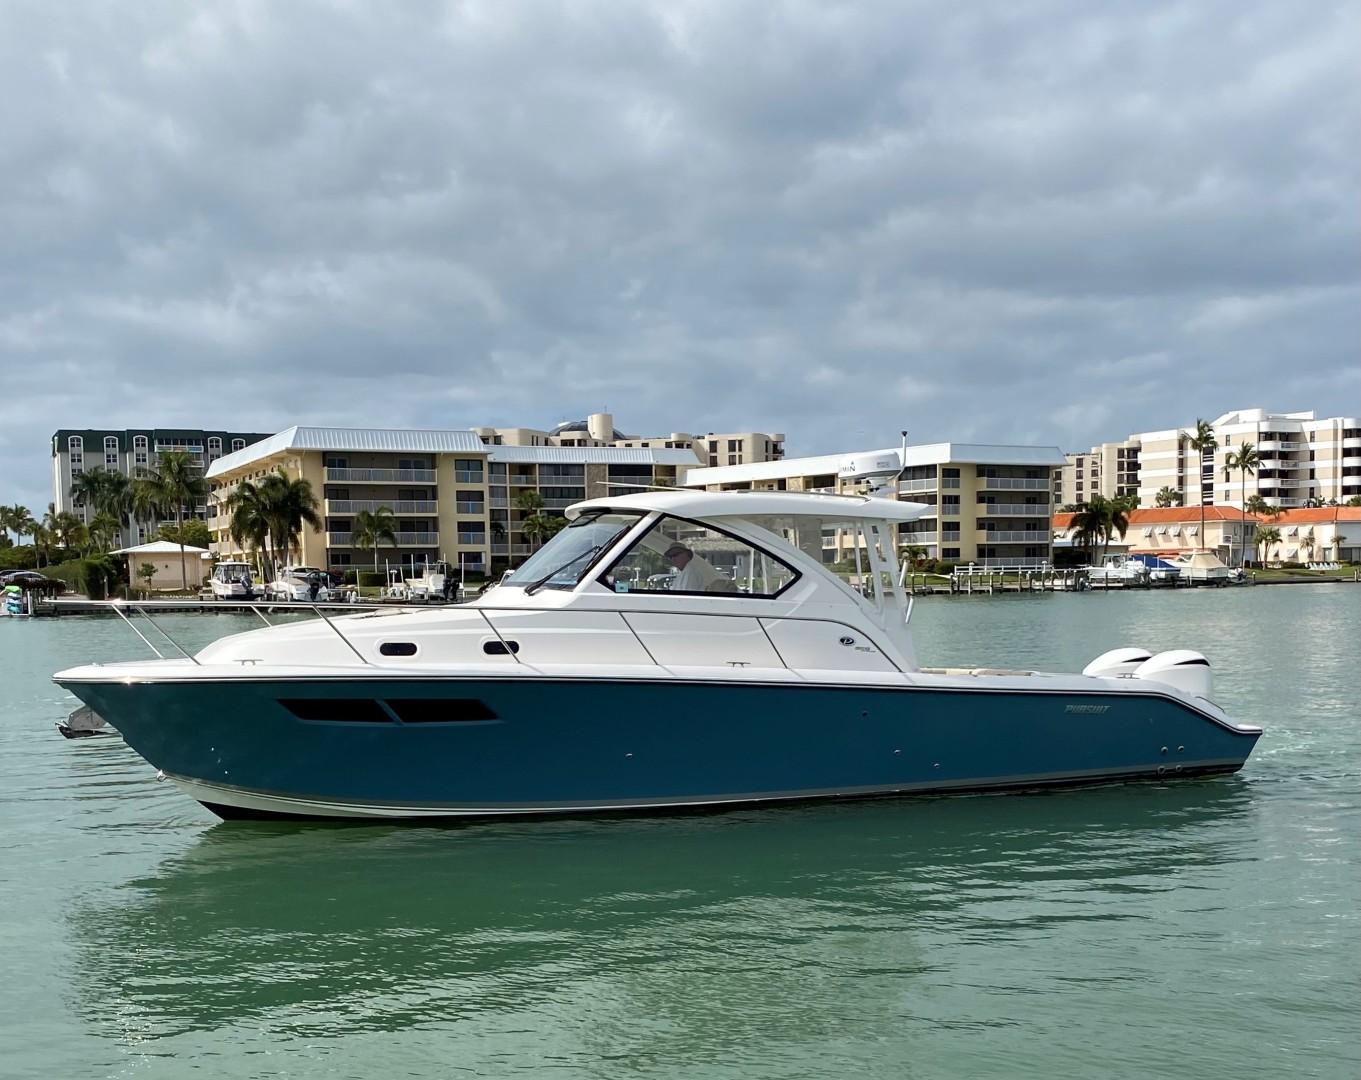 Pursuit-355 Offshore 2000-DUN DOCN Naples-Florida-United States-35 Pursuit Profile Port-1634745 | Thumbnail